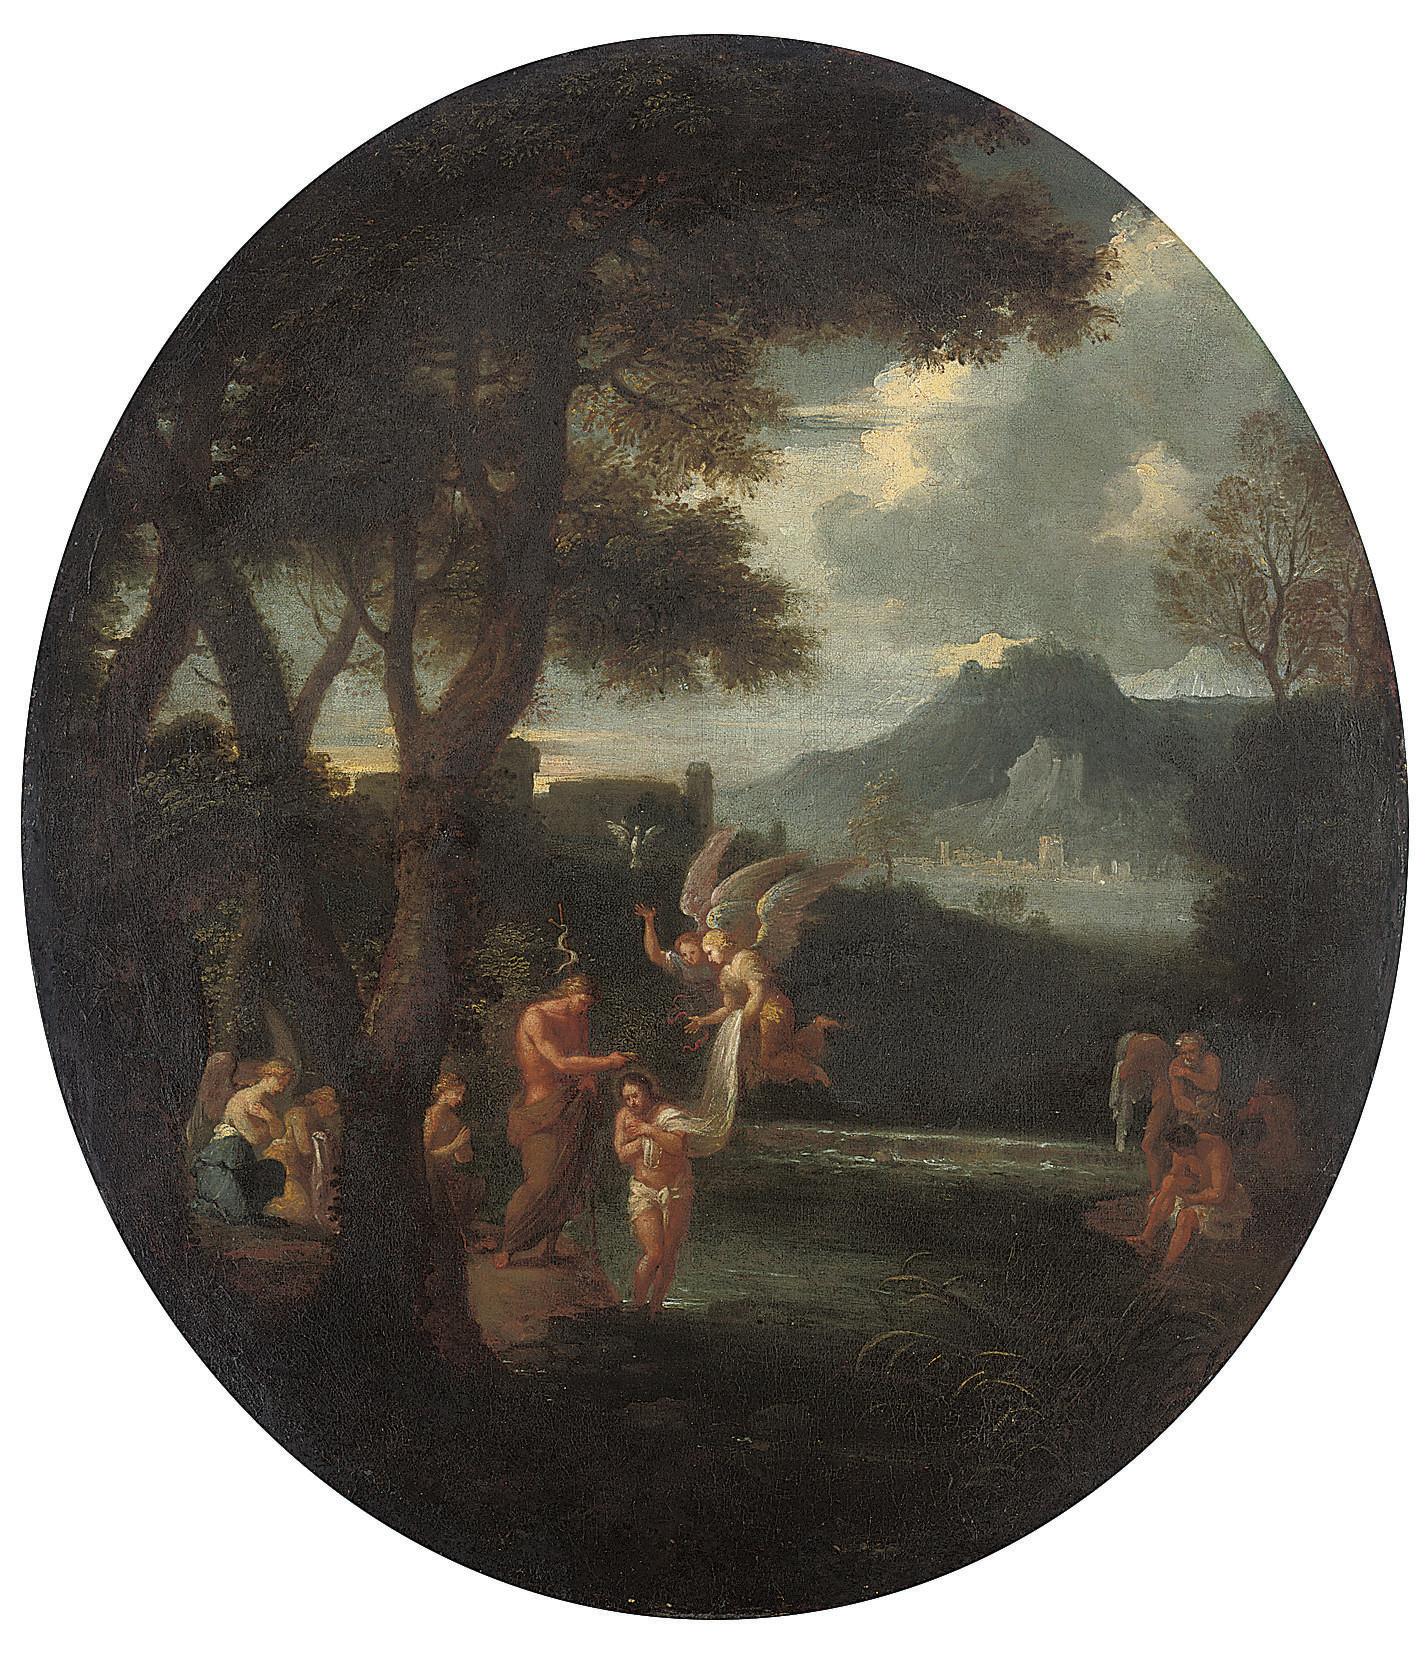 Circle of Pier Francesco Mola